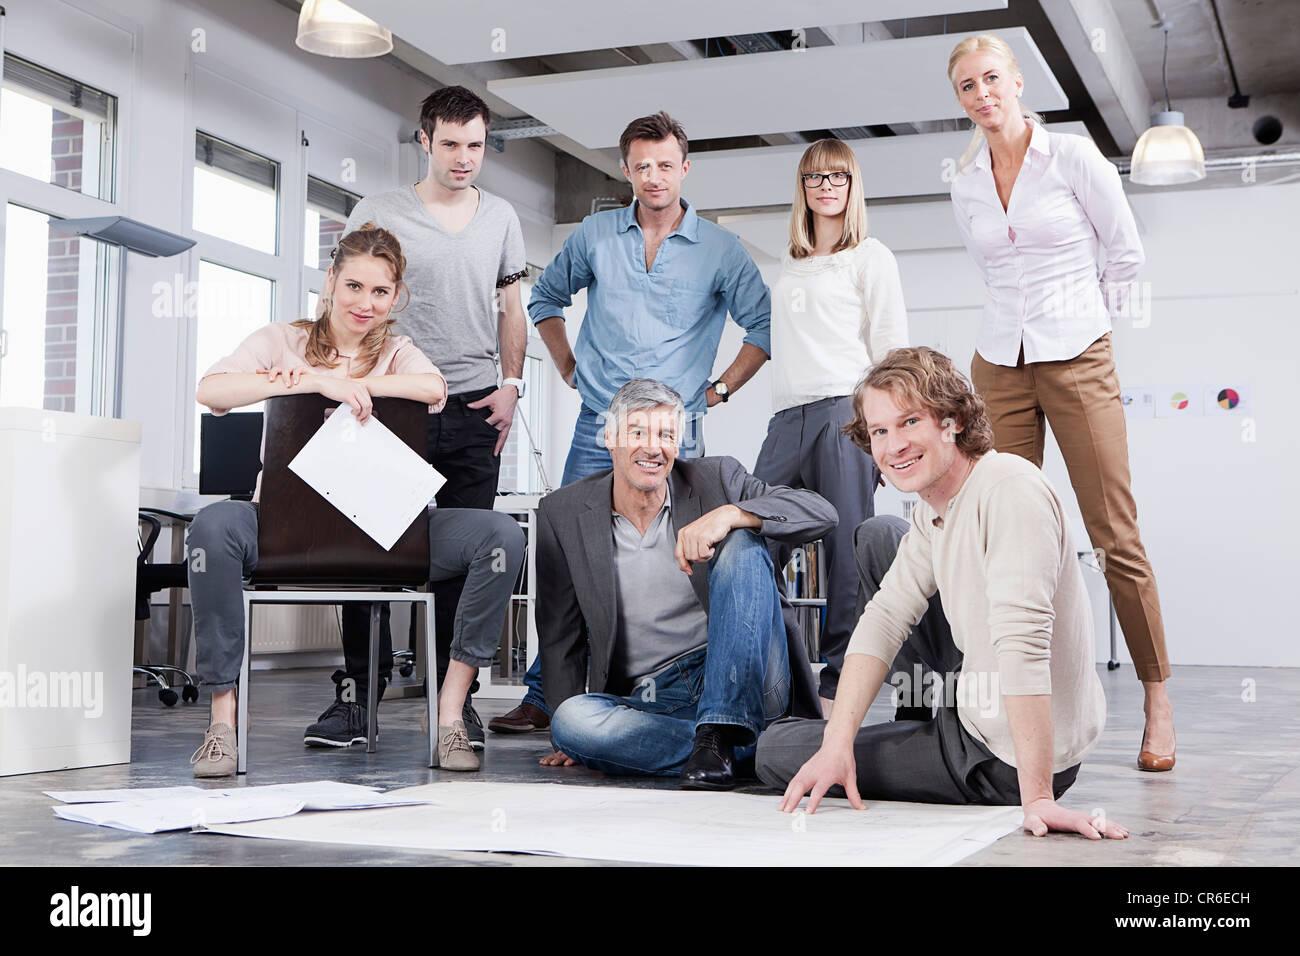 Deutschland, Bayern, München, Männer und Frauen im Büro, Porträt Stockbild